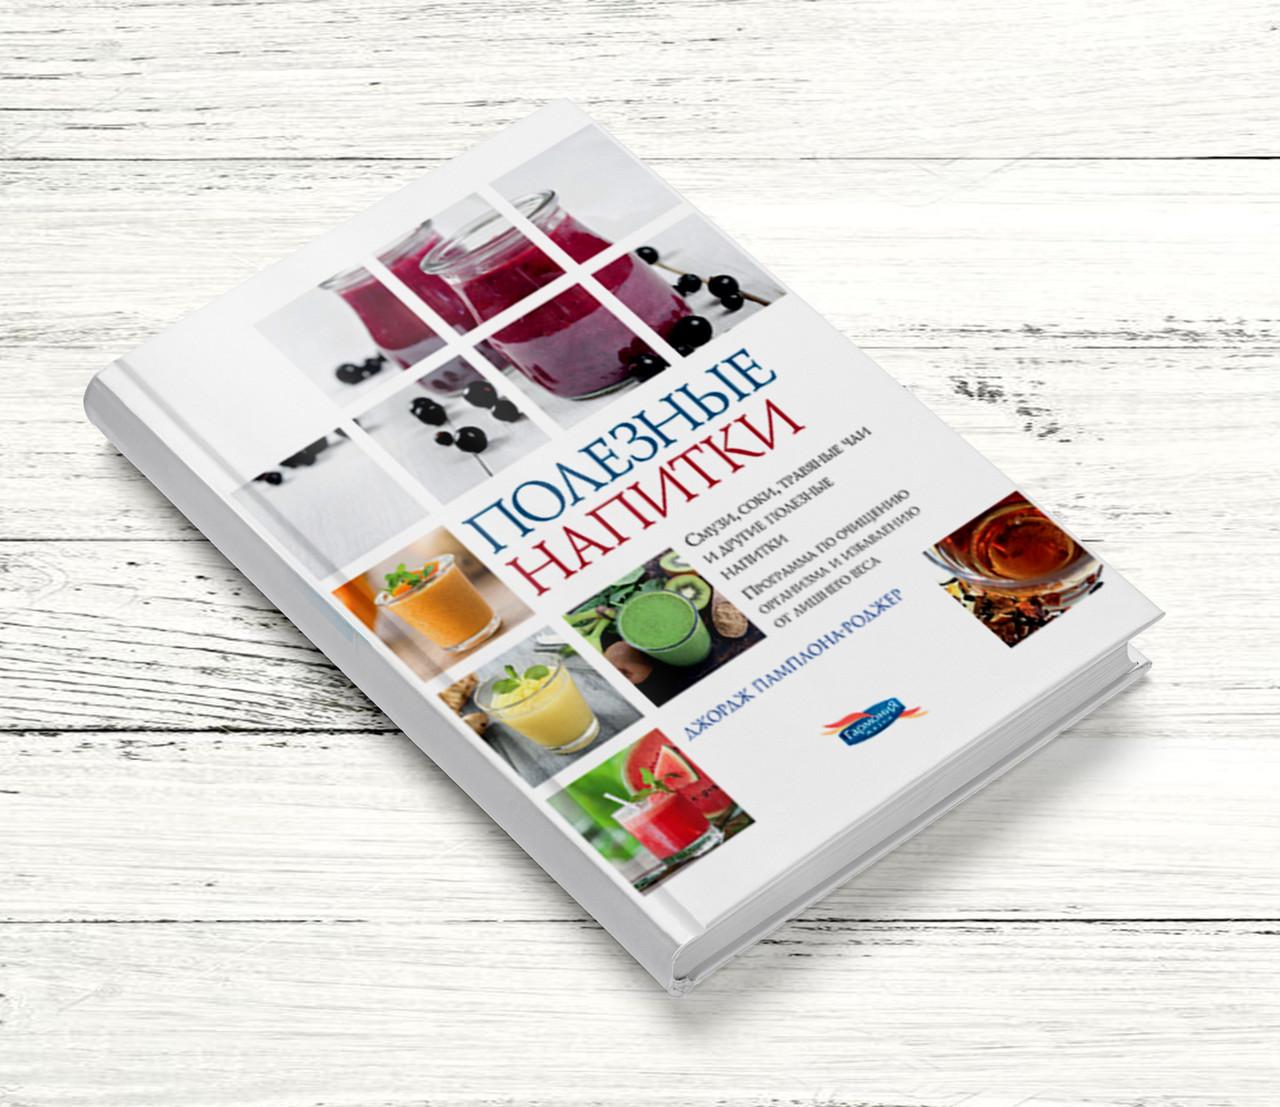 Полезные напитки. Программа по очищению организма и избавлению от лишнего веса – Дж. Памплона-Роджер